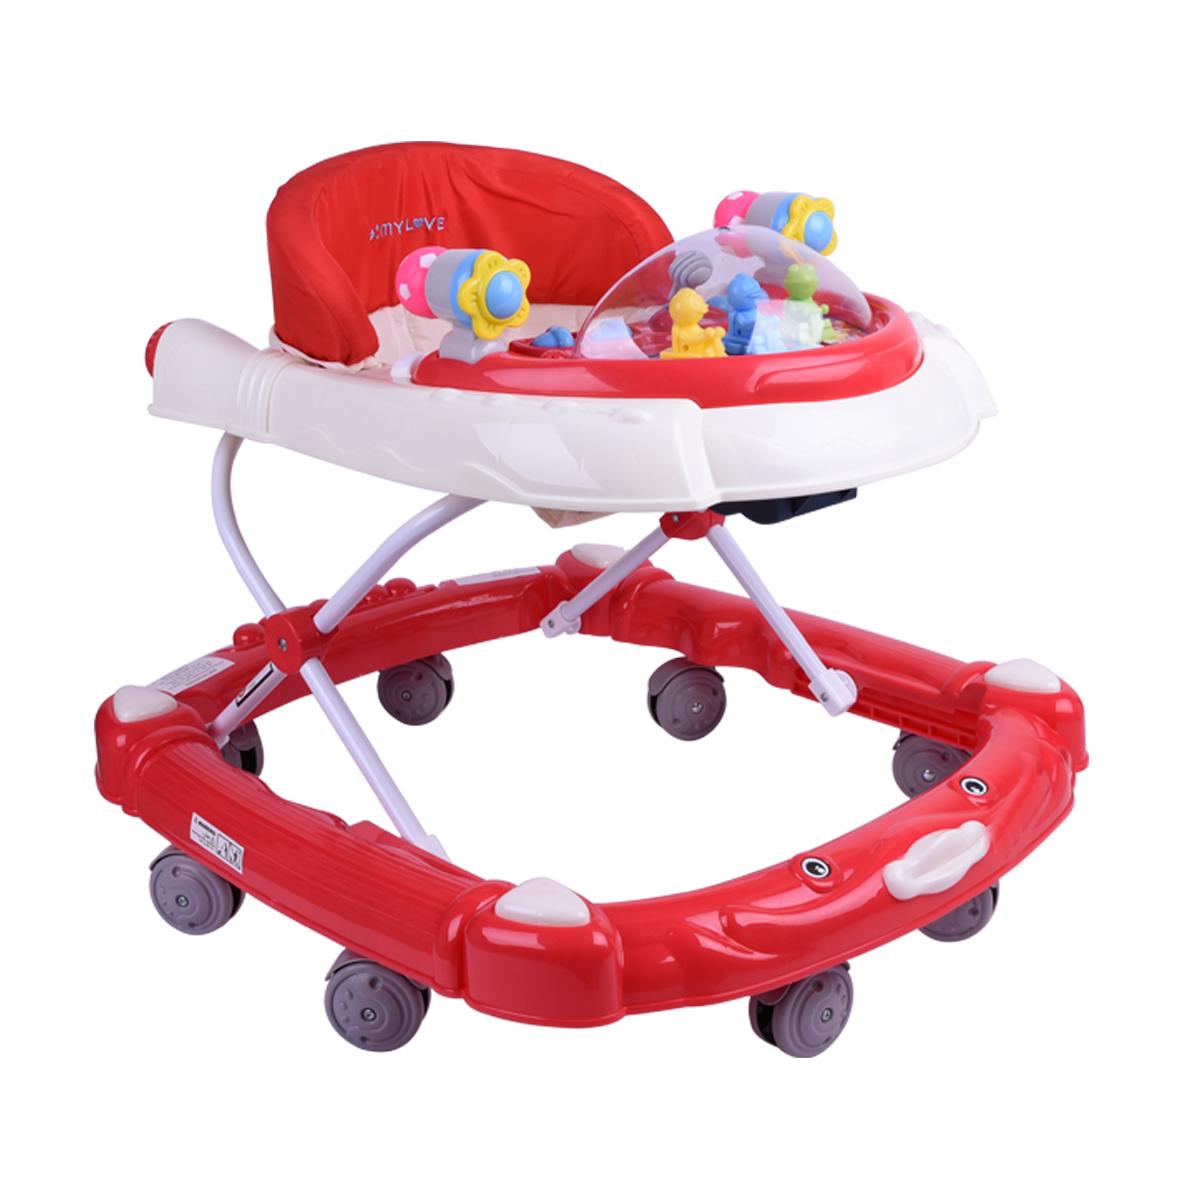 مشاية اطفال ماي لف بعجلات متحركة  - BW05